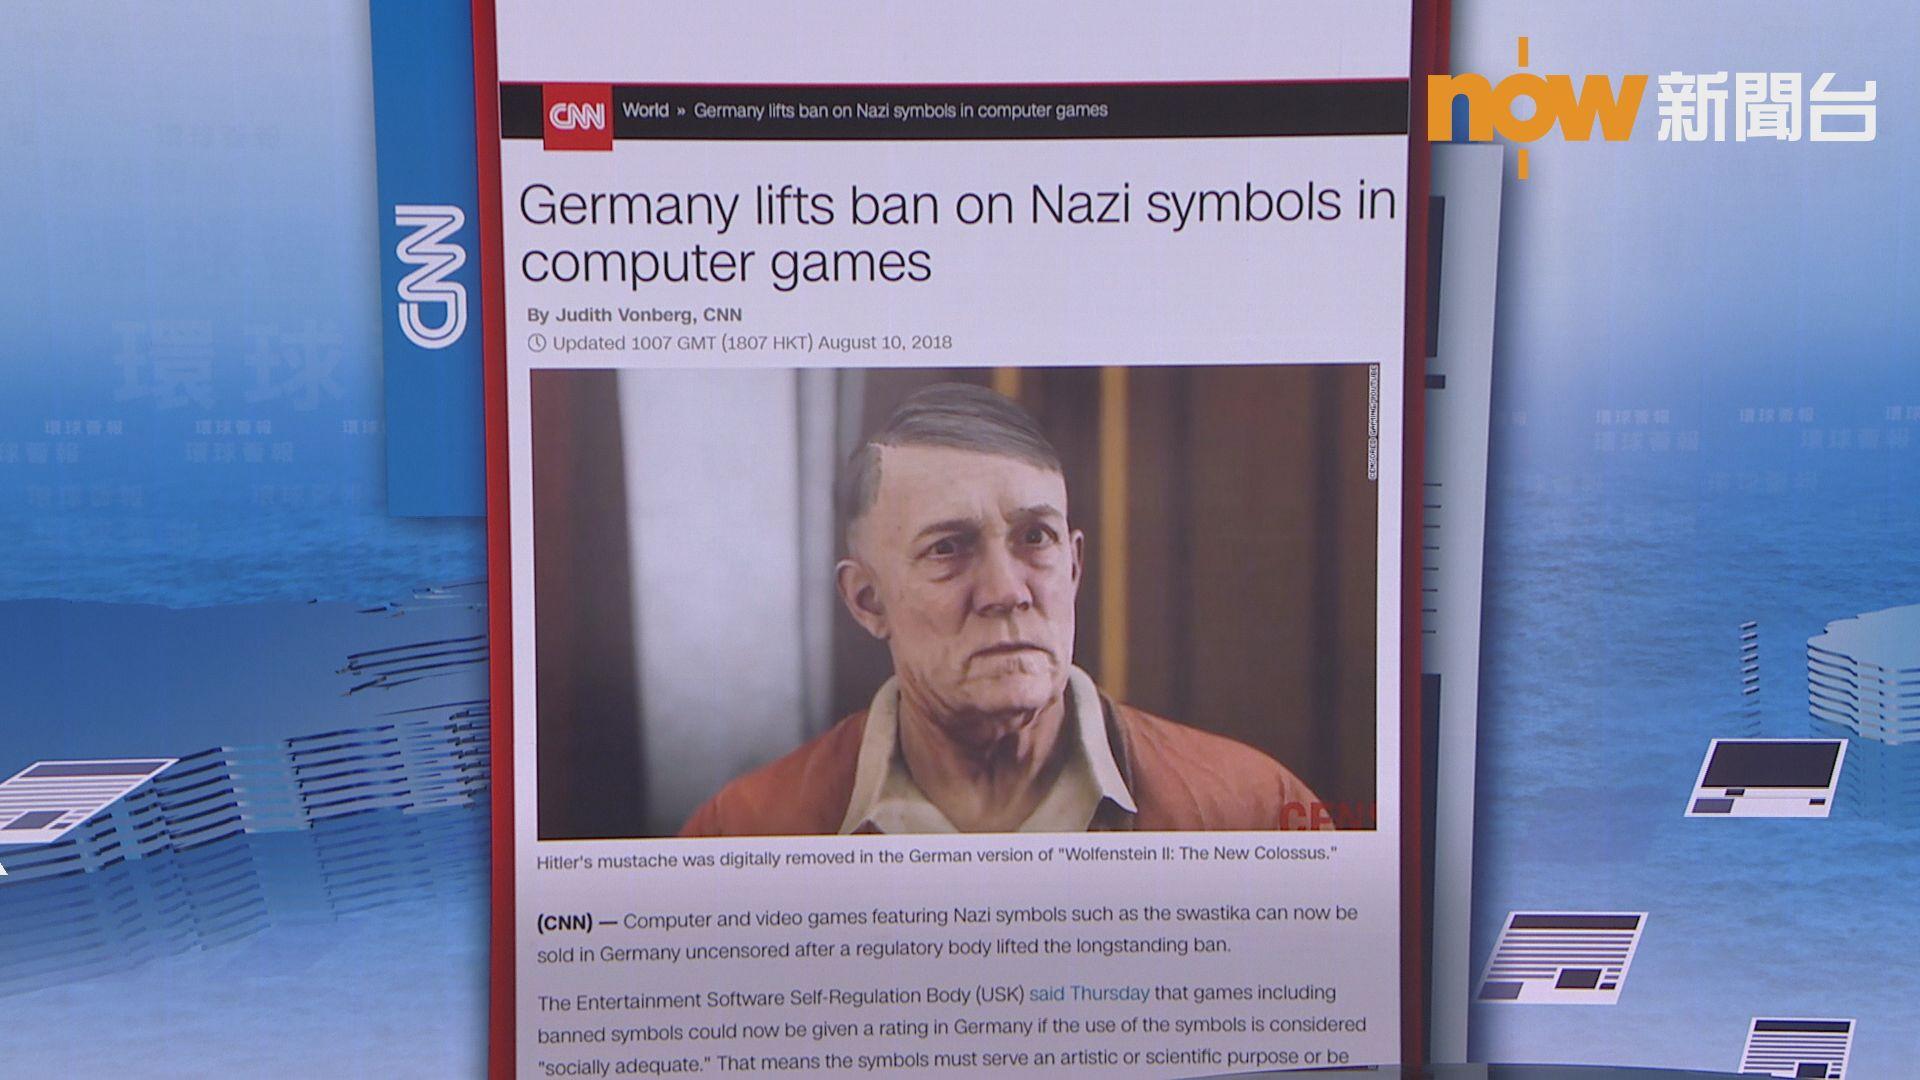 【環球薈報】德國解禁納粹標誌電子遊戲出售